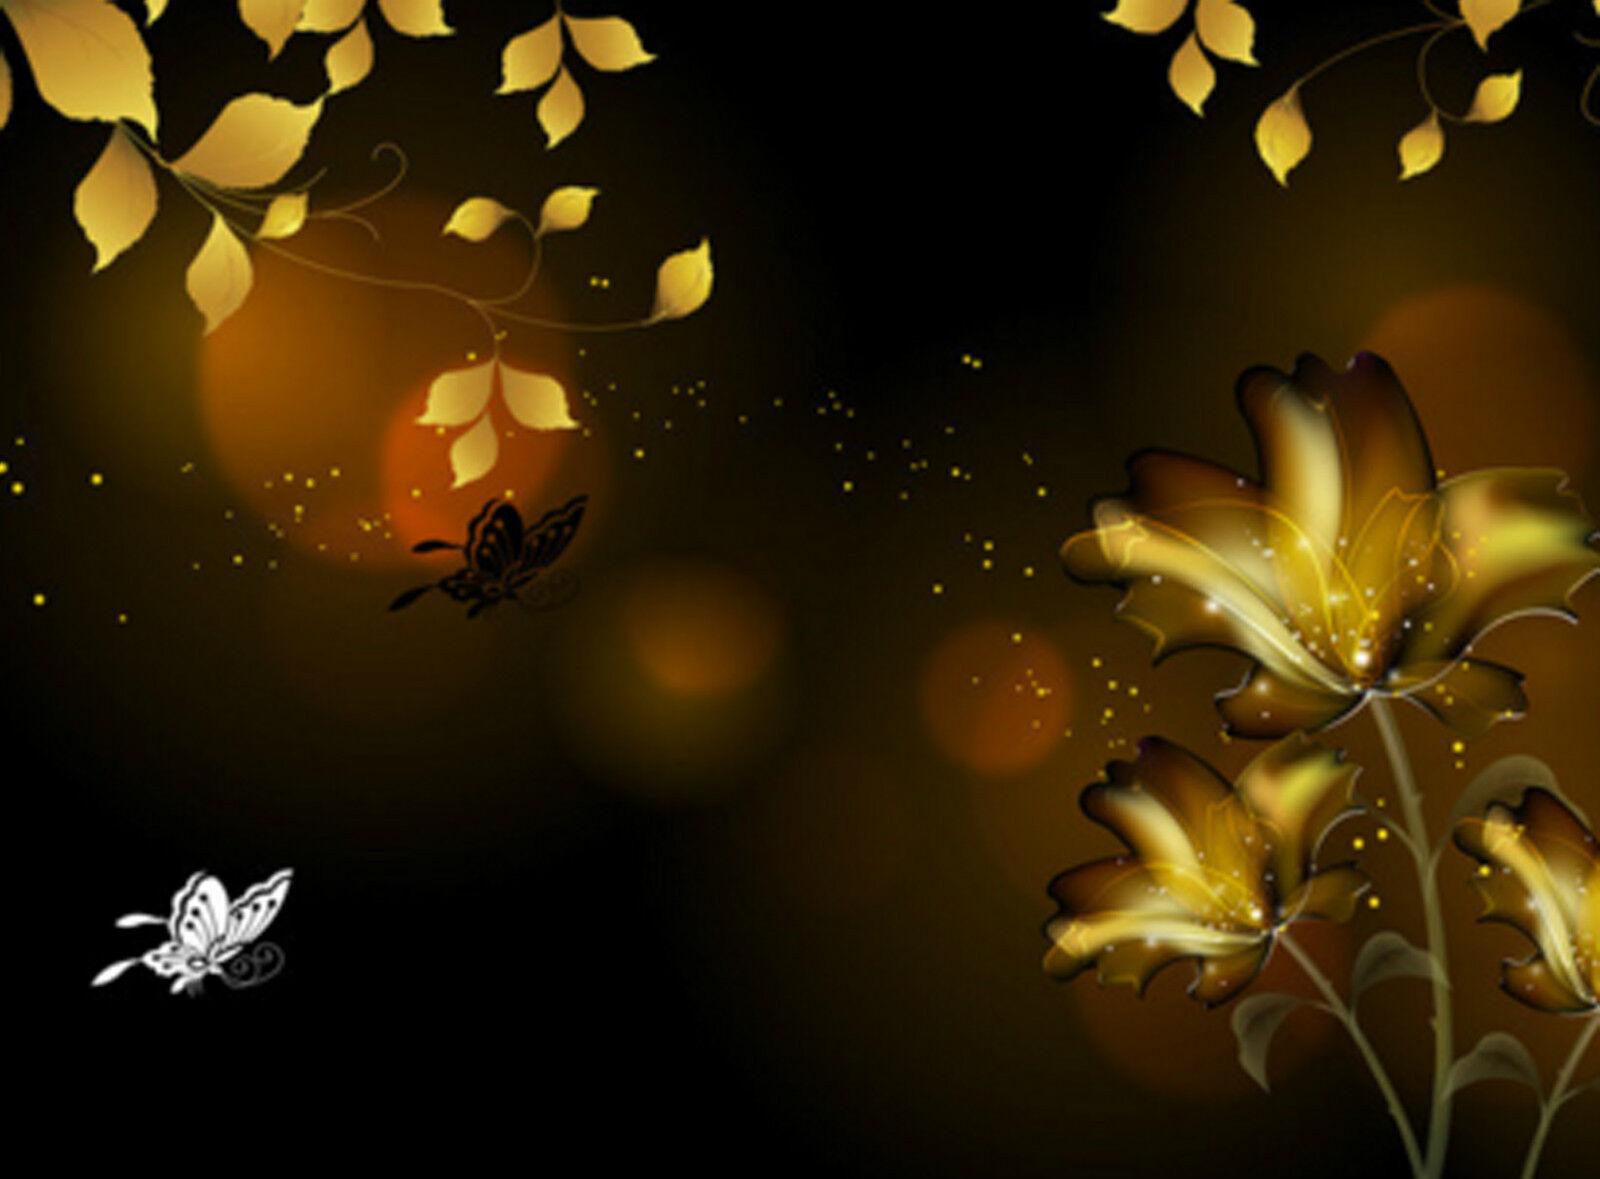 3D Dark Flowers Butterfly 9766 Wall Paper Wall Print Print Print Decal Wall AJ WALLPAPER CA 83717d